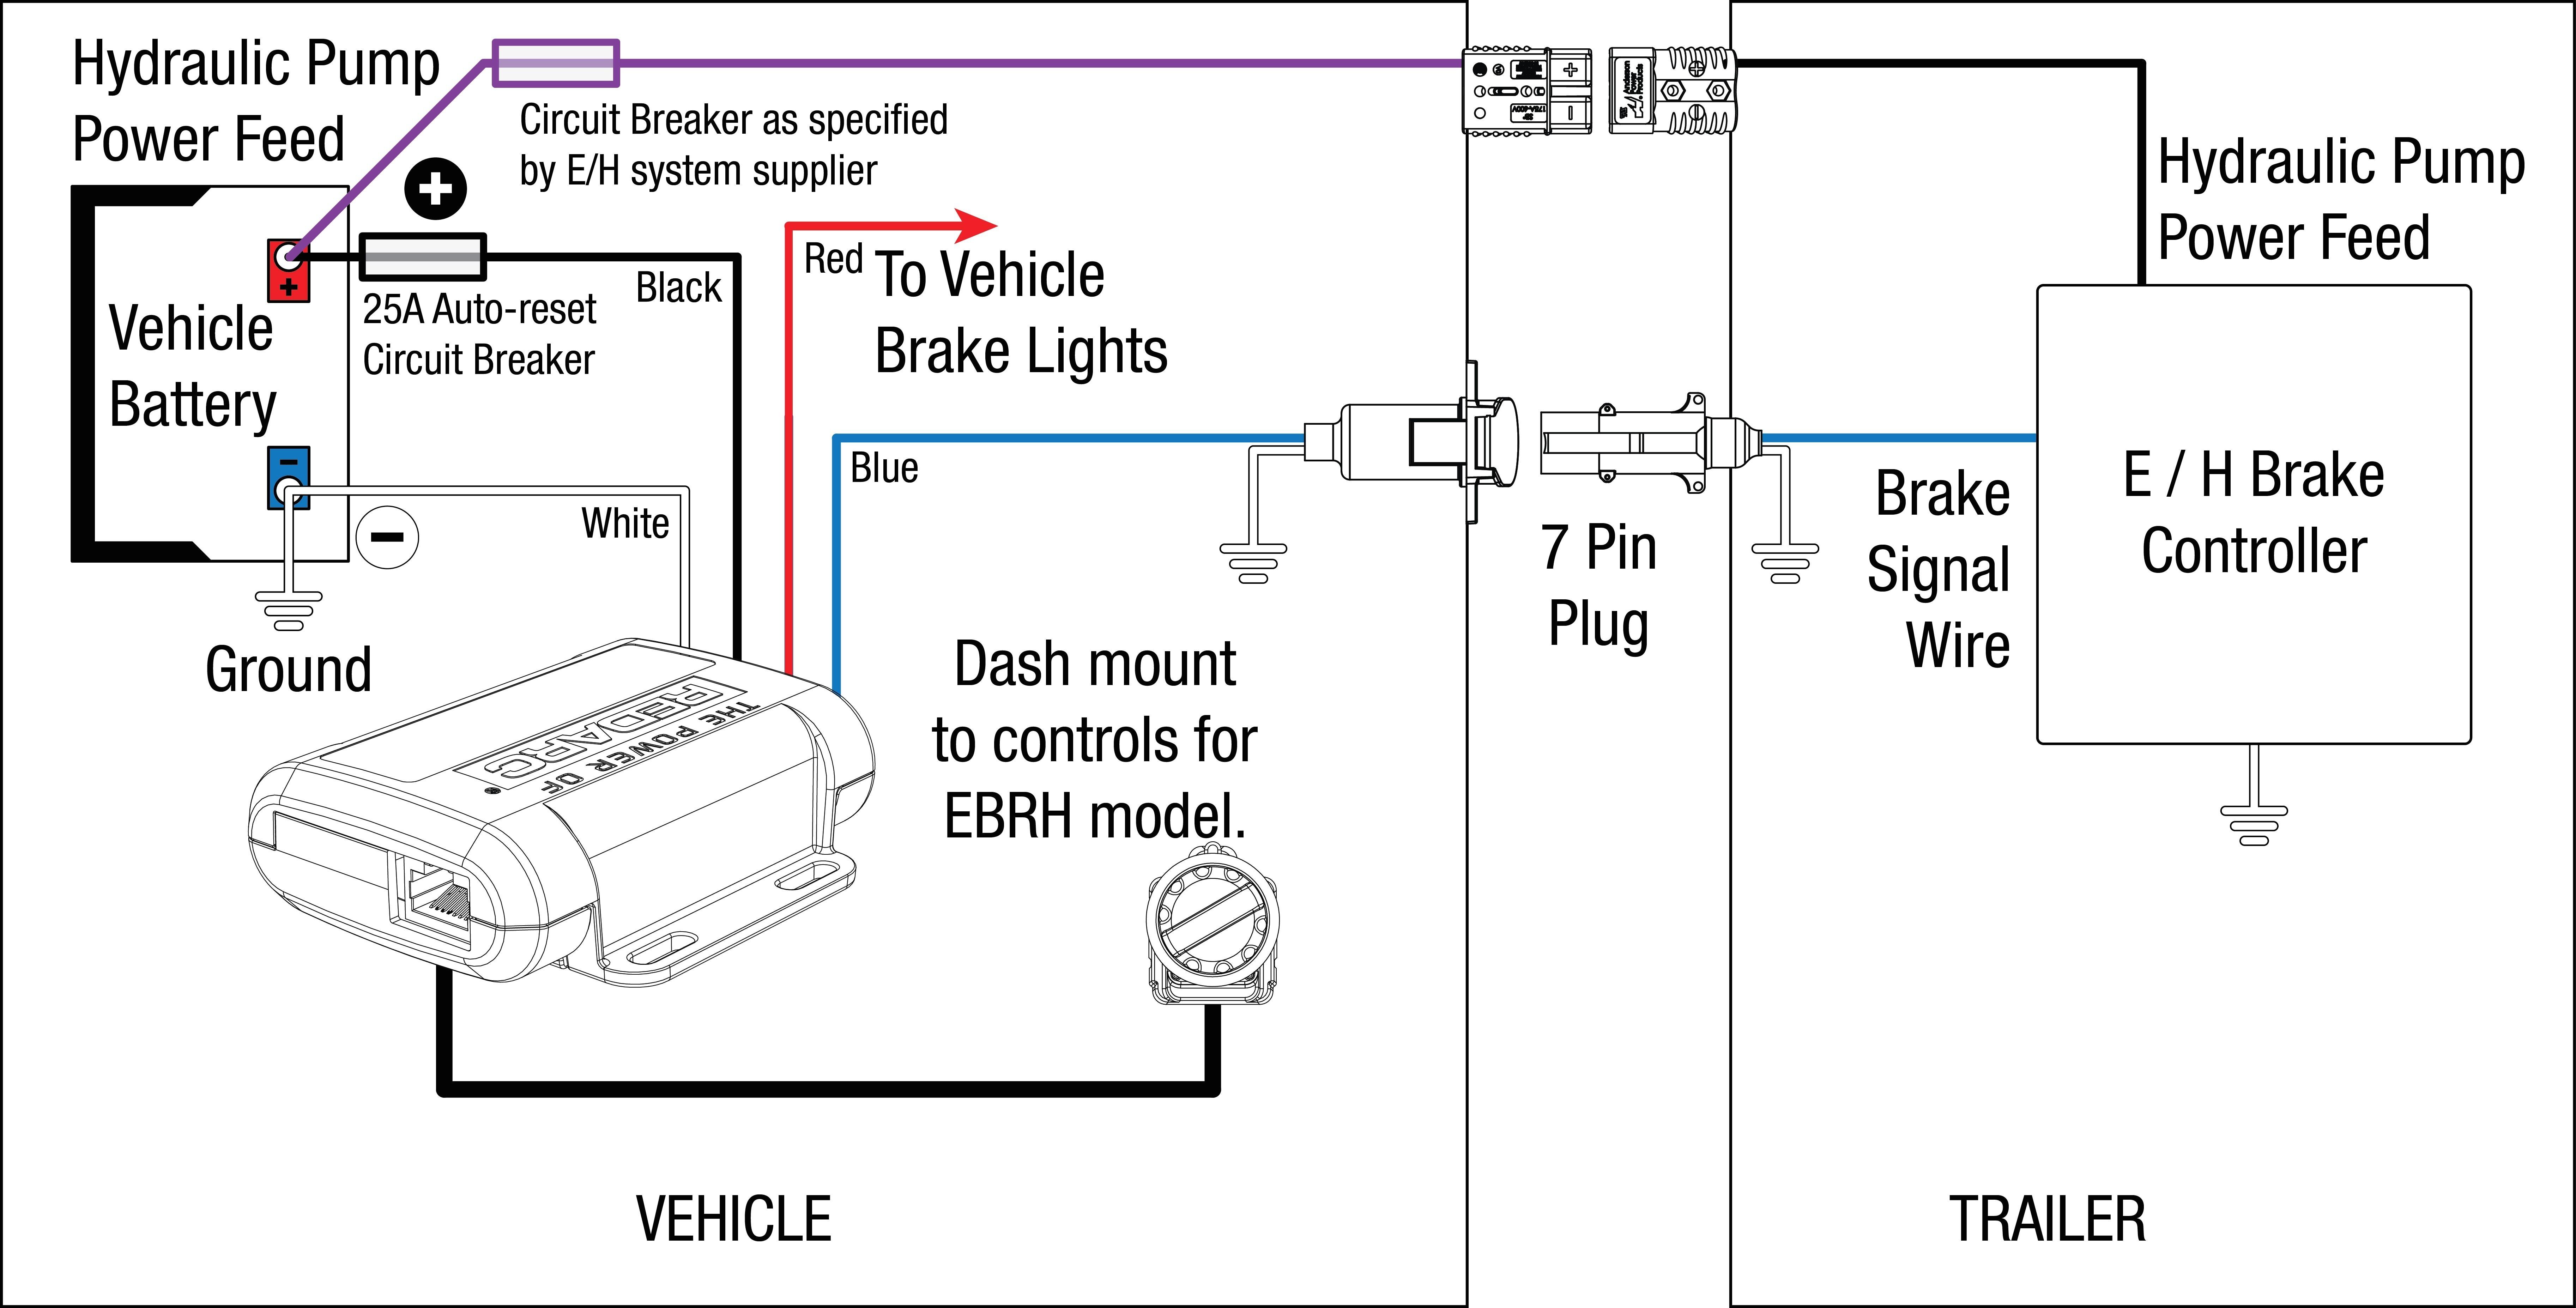 Brake Force Trailer Brake Controller Wiring Diagram   Wiring Diagram - Prodigy Brake Controller Wiring Diagram